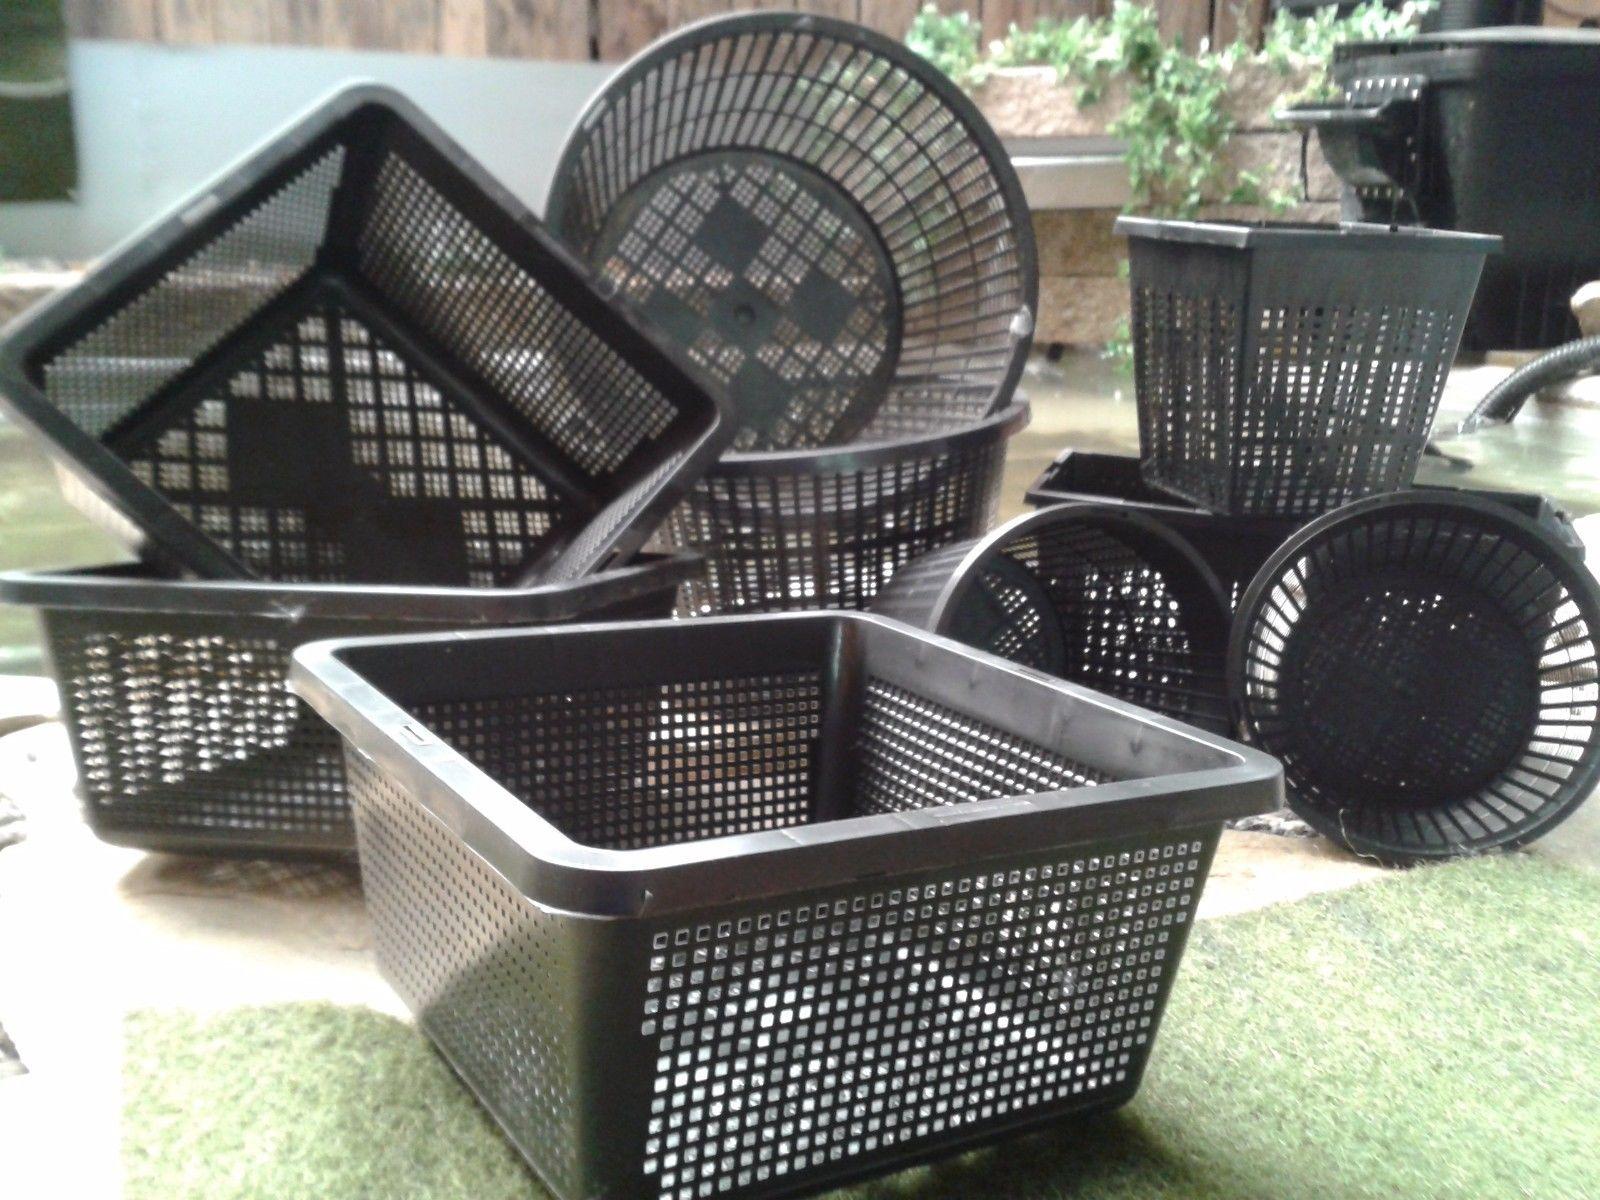 10 pflanzk rbe 4 verschiedene gr e von 11 23 cm. Black Bedroom Furniture Sets. Home Design Ideas